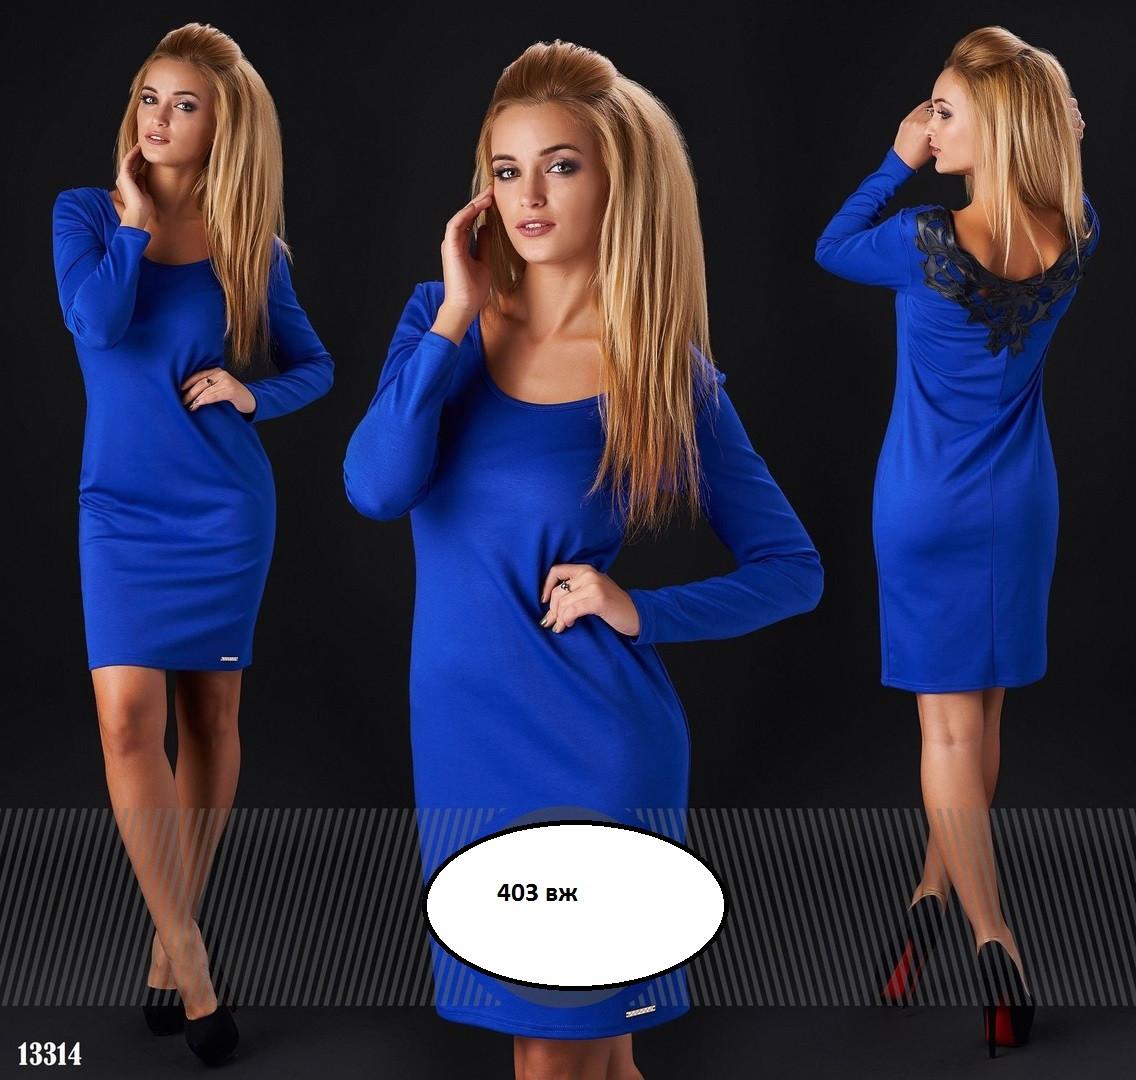 Платье модное 403 вж